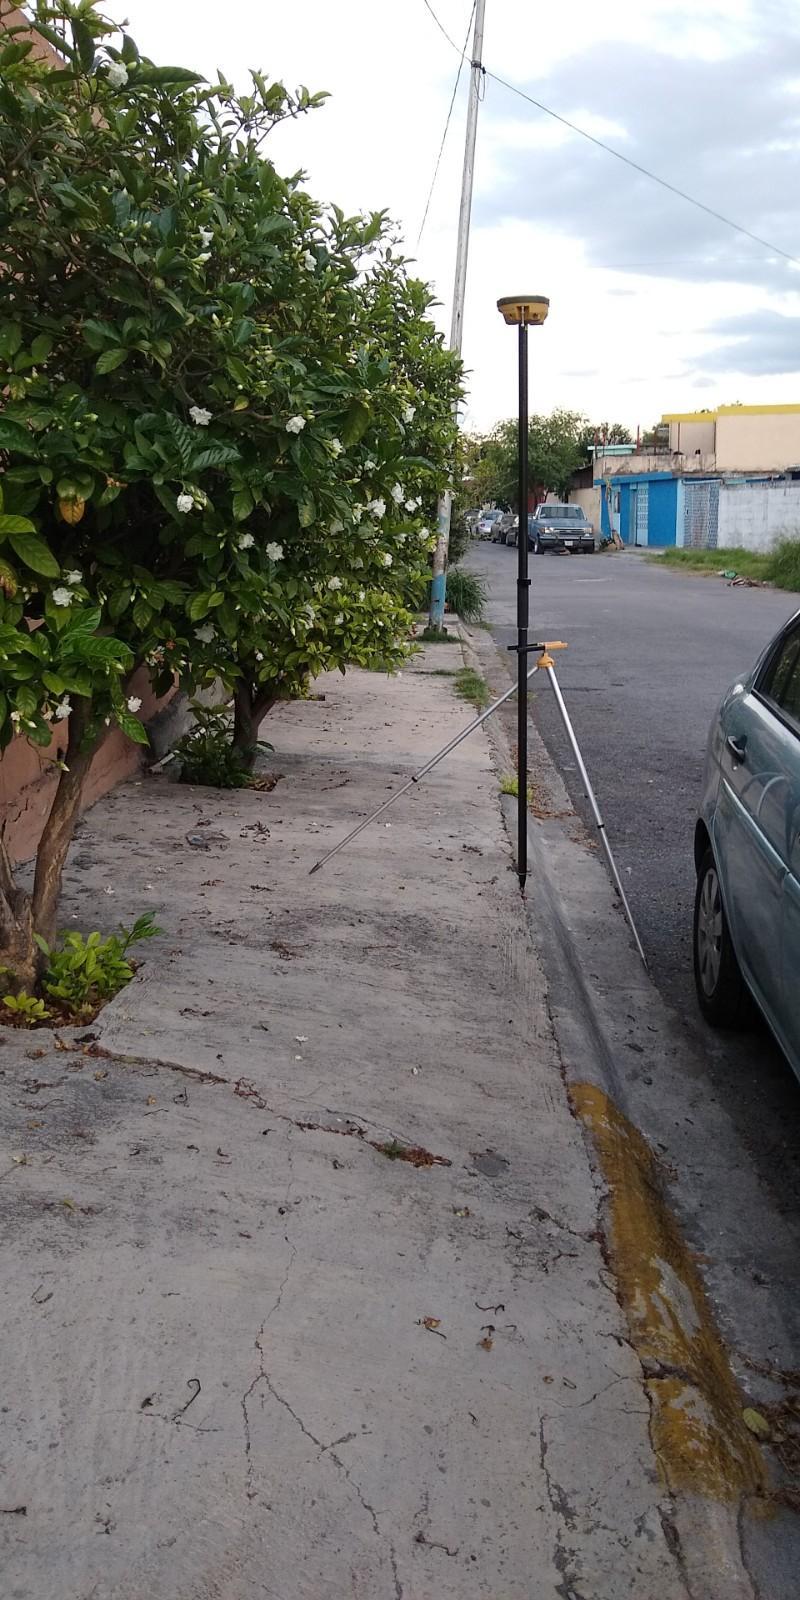 https://0201.nccdn.net/1_2/000/000/16f/3ea/costas-del-sol4-800x1600.jpg